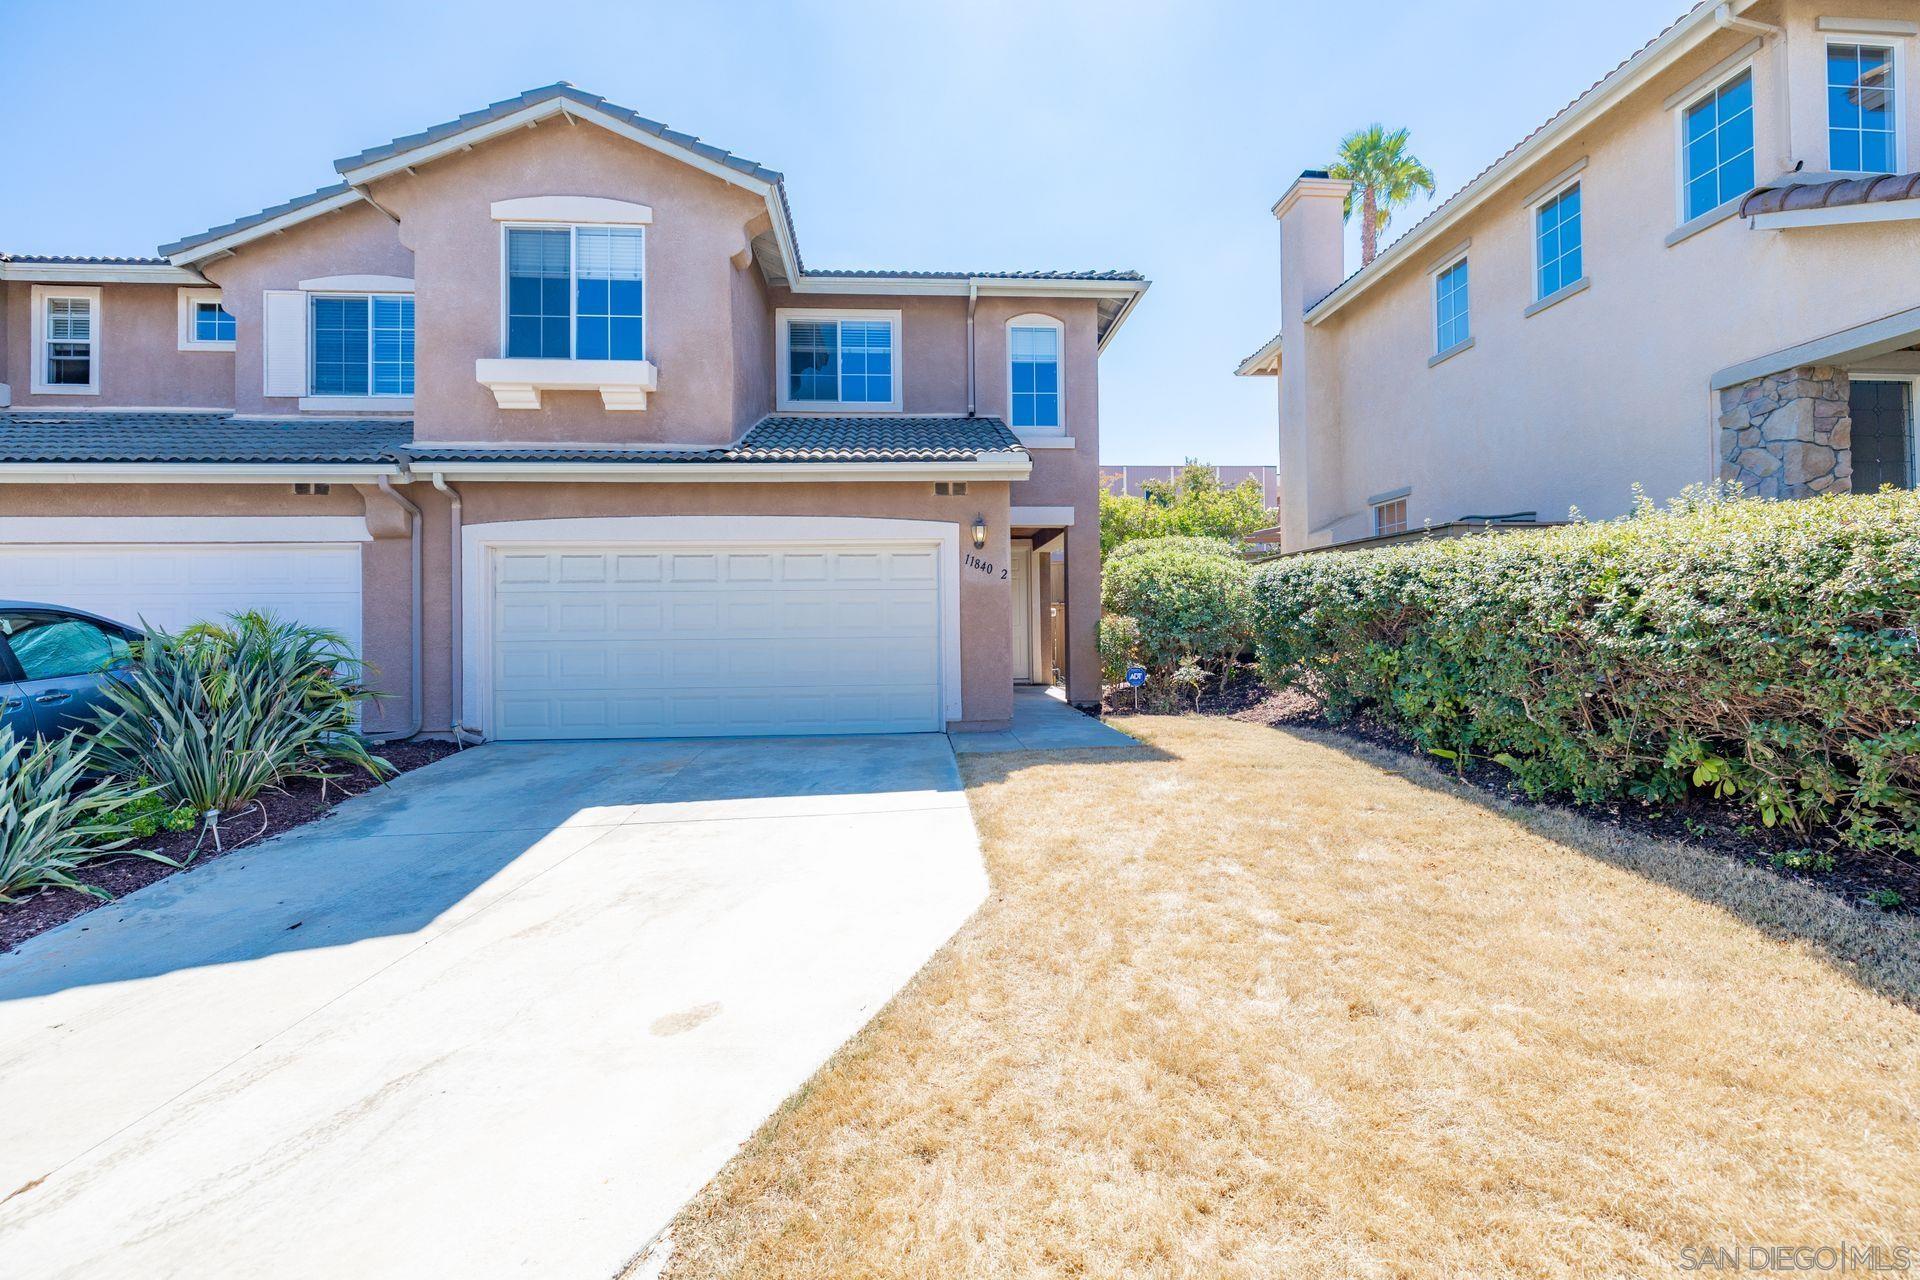 11840 Cypress Canyon Rd 2, San Diego, CA 92131